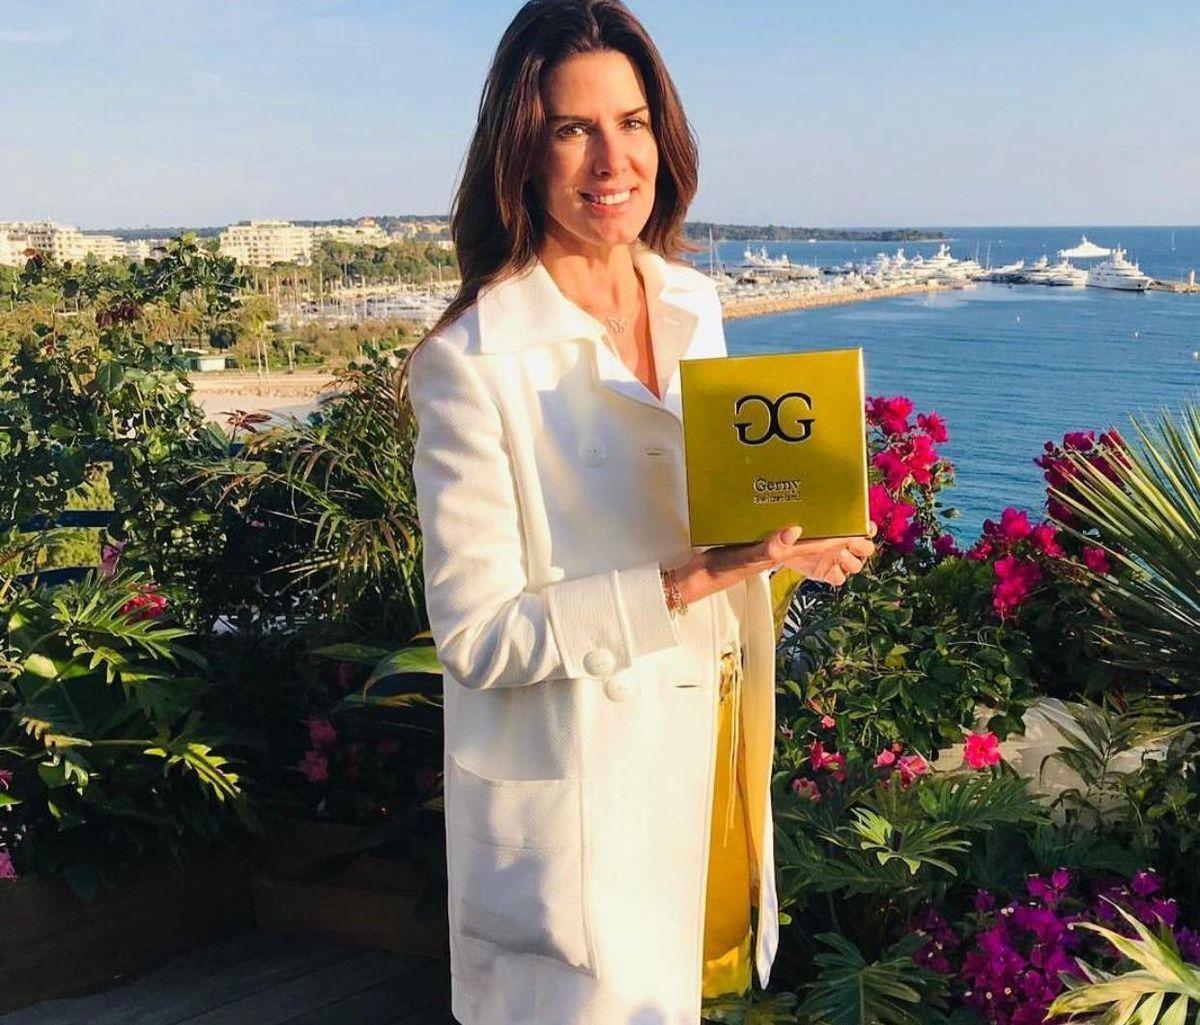 Auch Luxus-Society-Lady Christina Estrada nutzt die Kosmetikprodukte von Dr. Gerny.